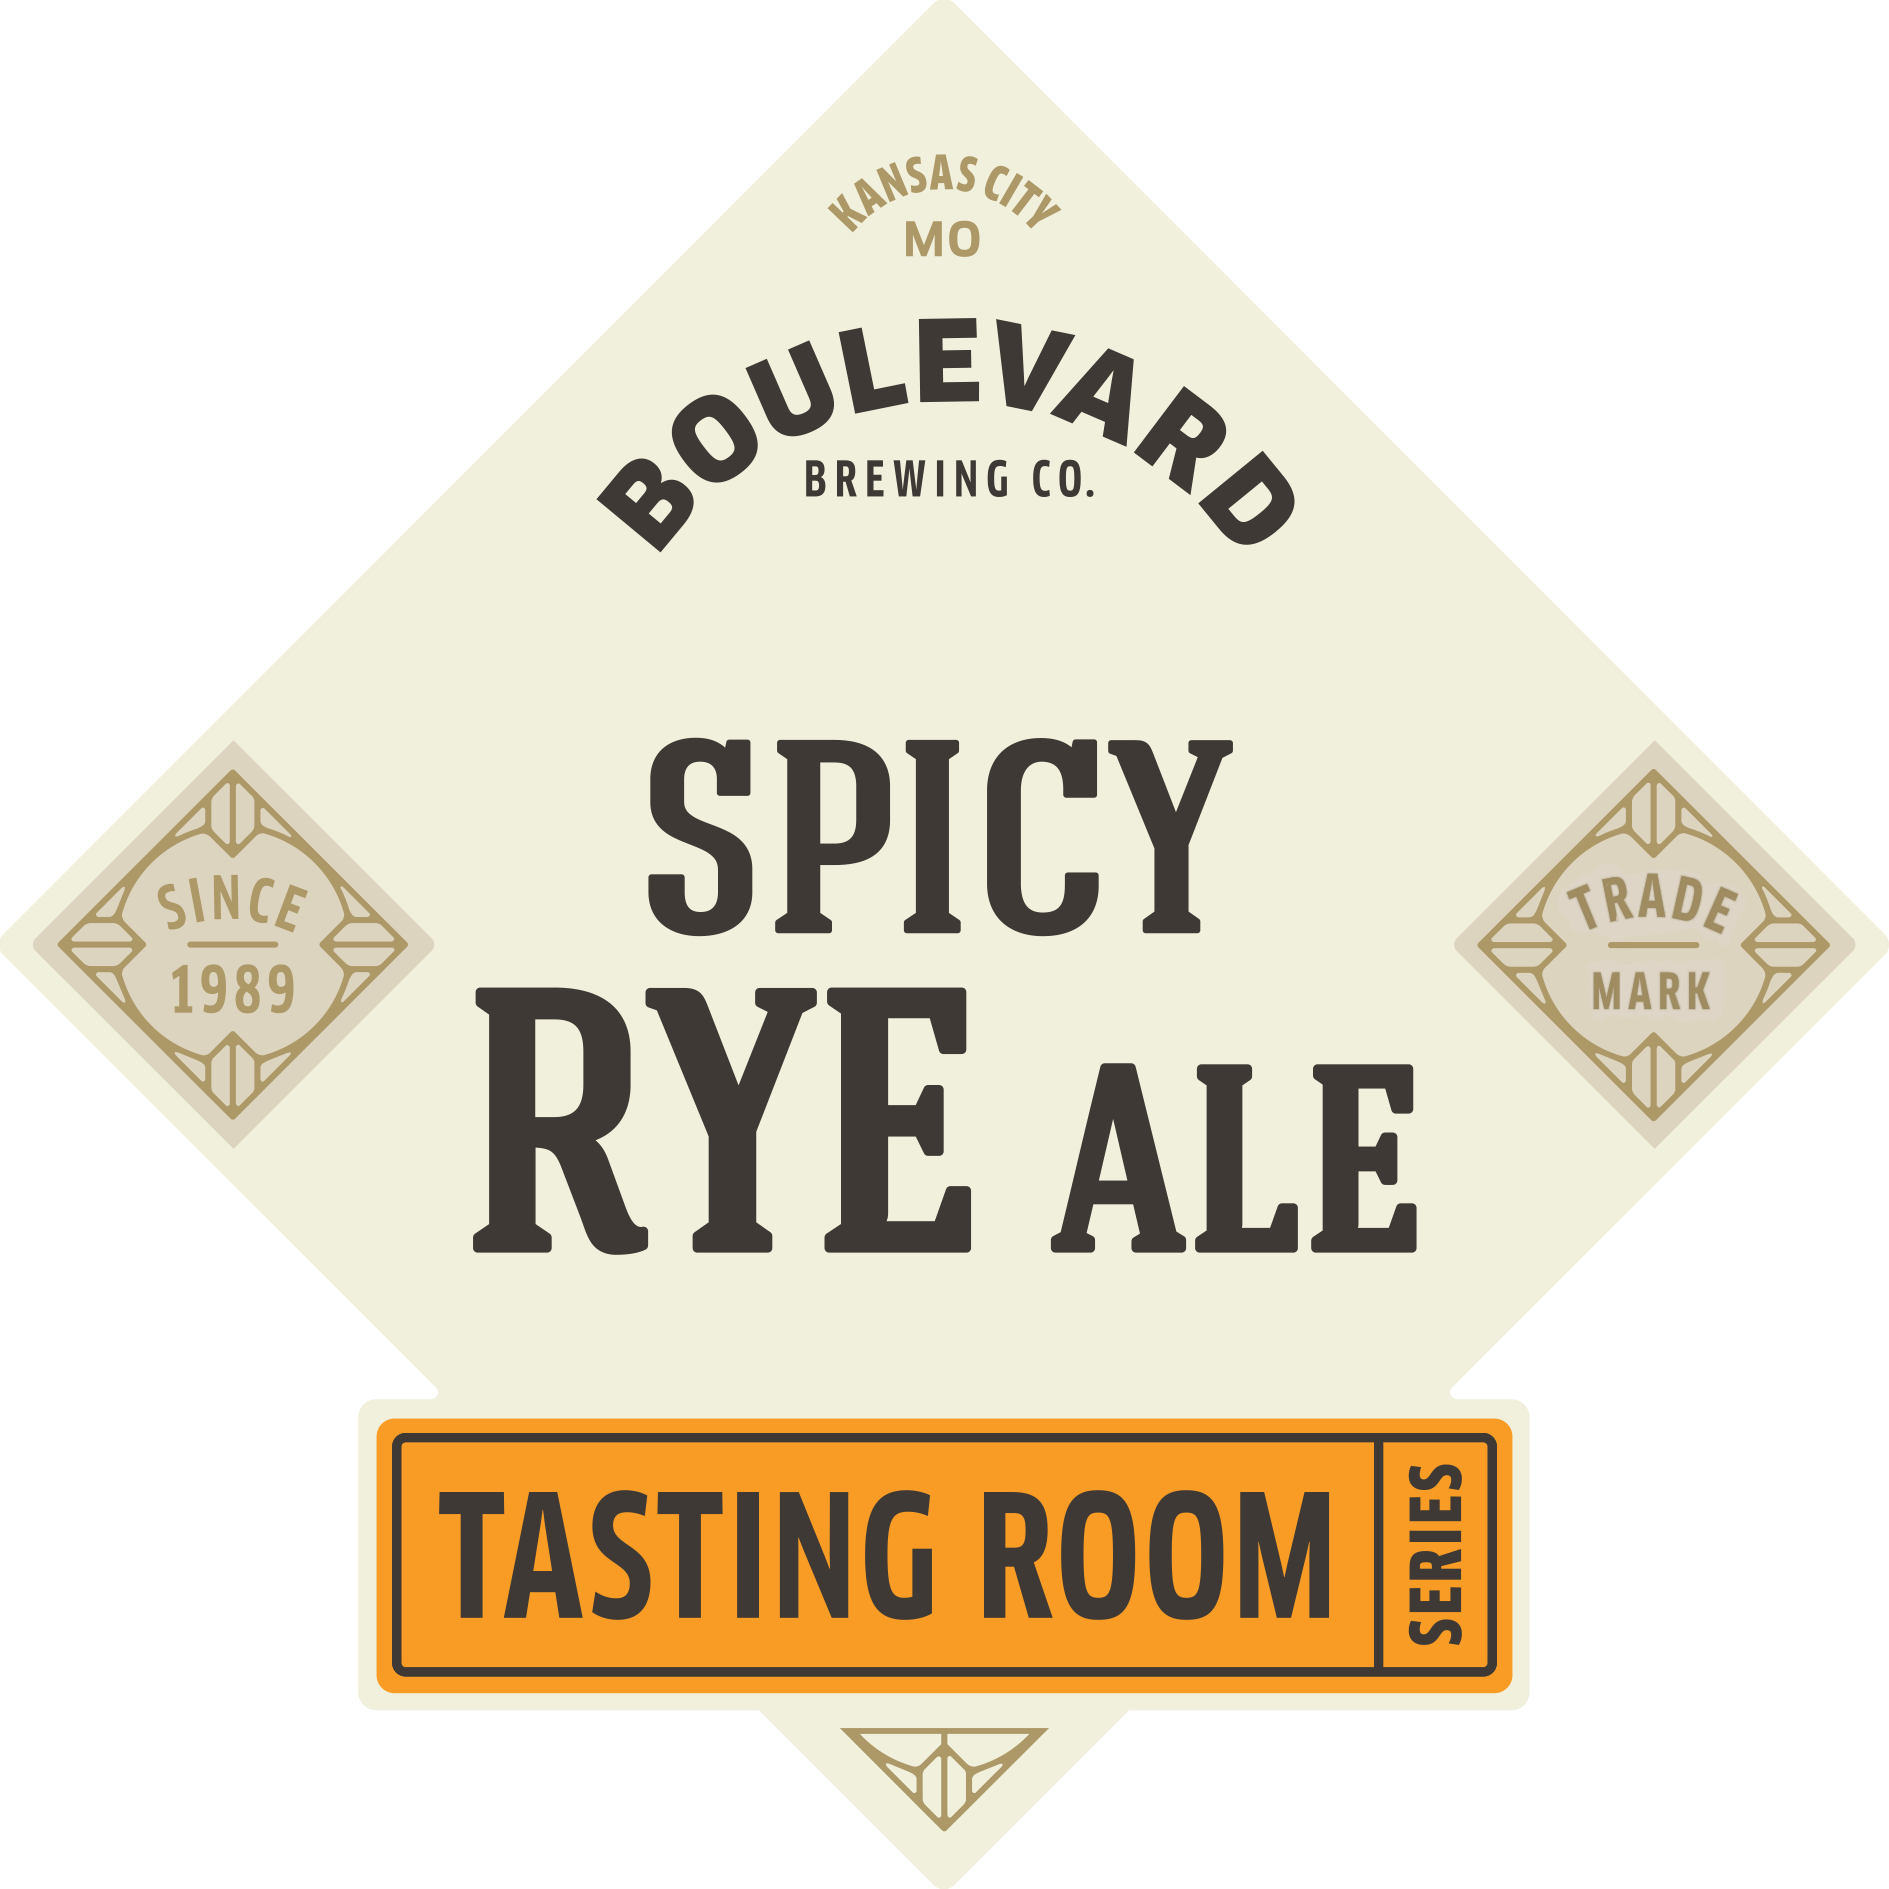 Tasting Room – Spicy Rye Ale